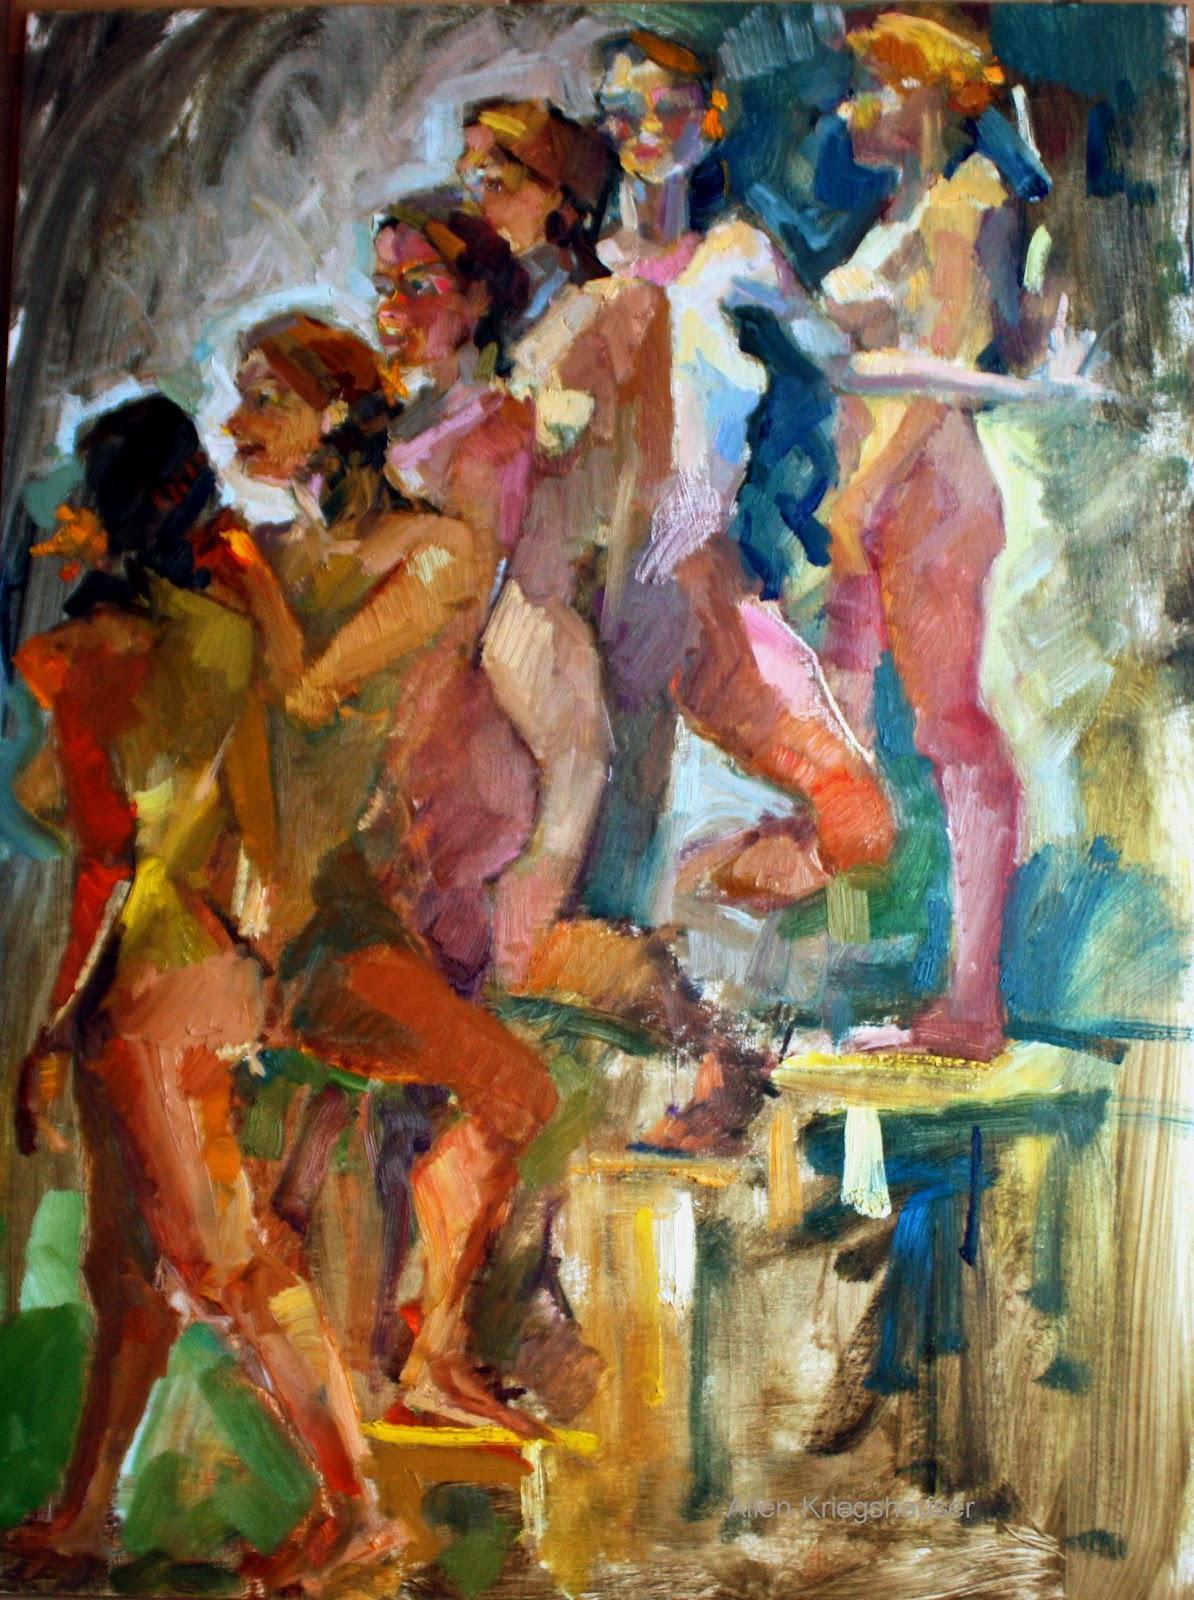 Picassos nude descending a staircase